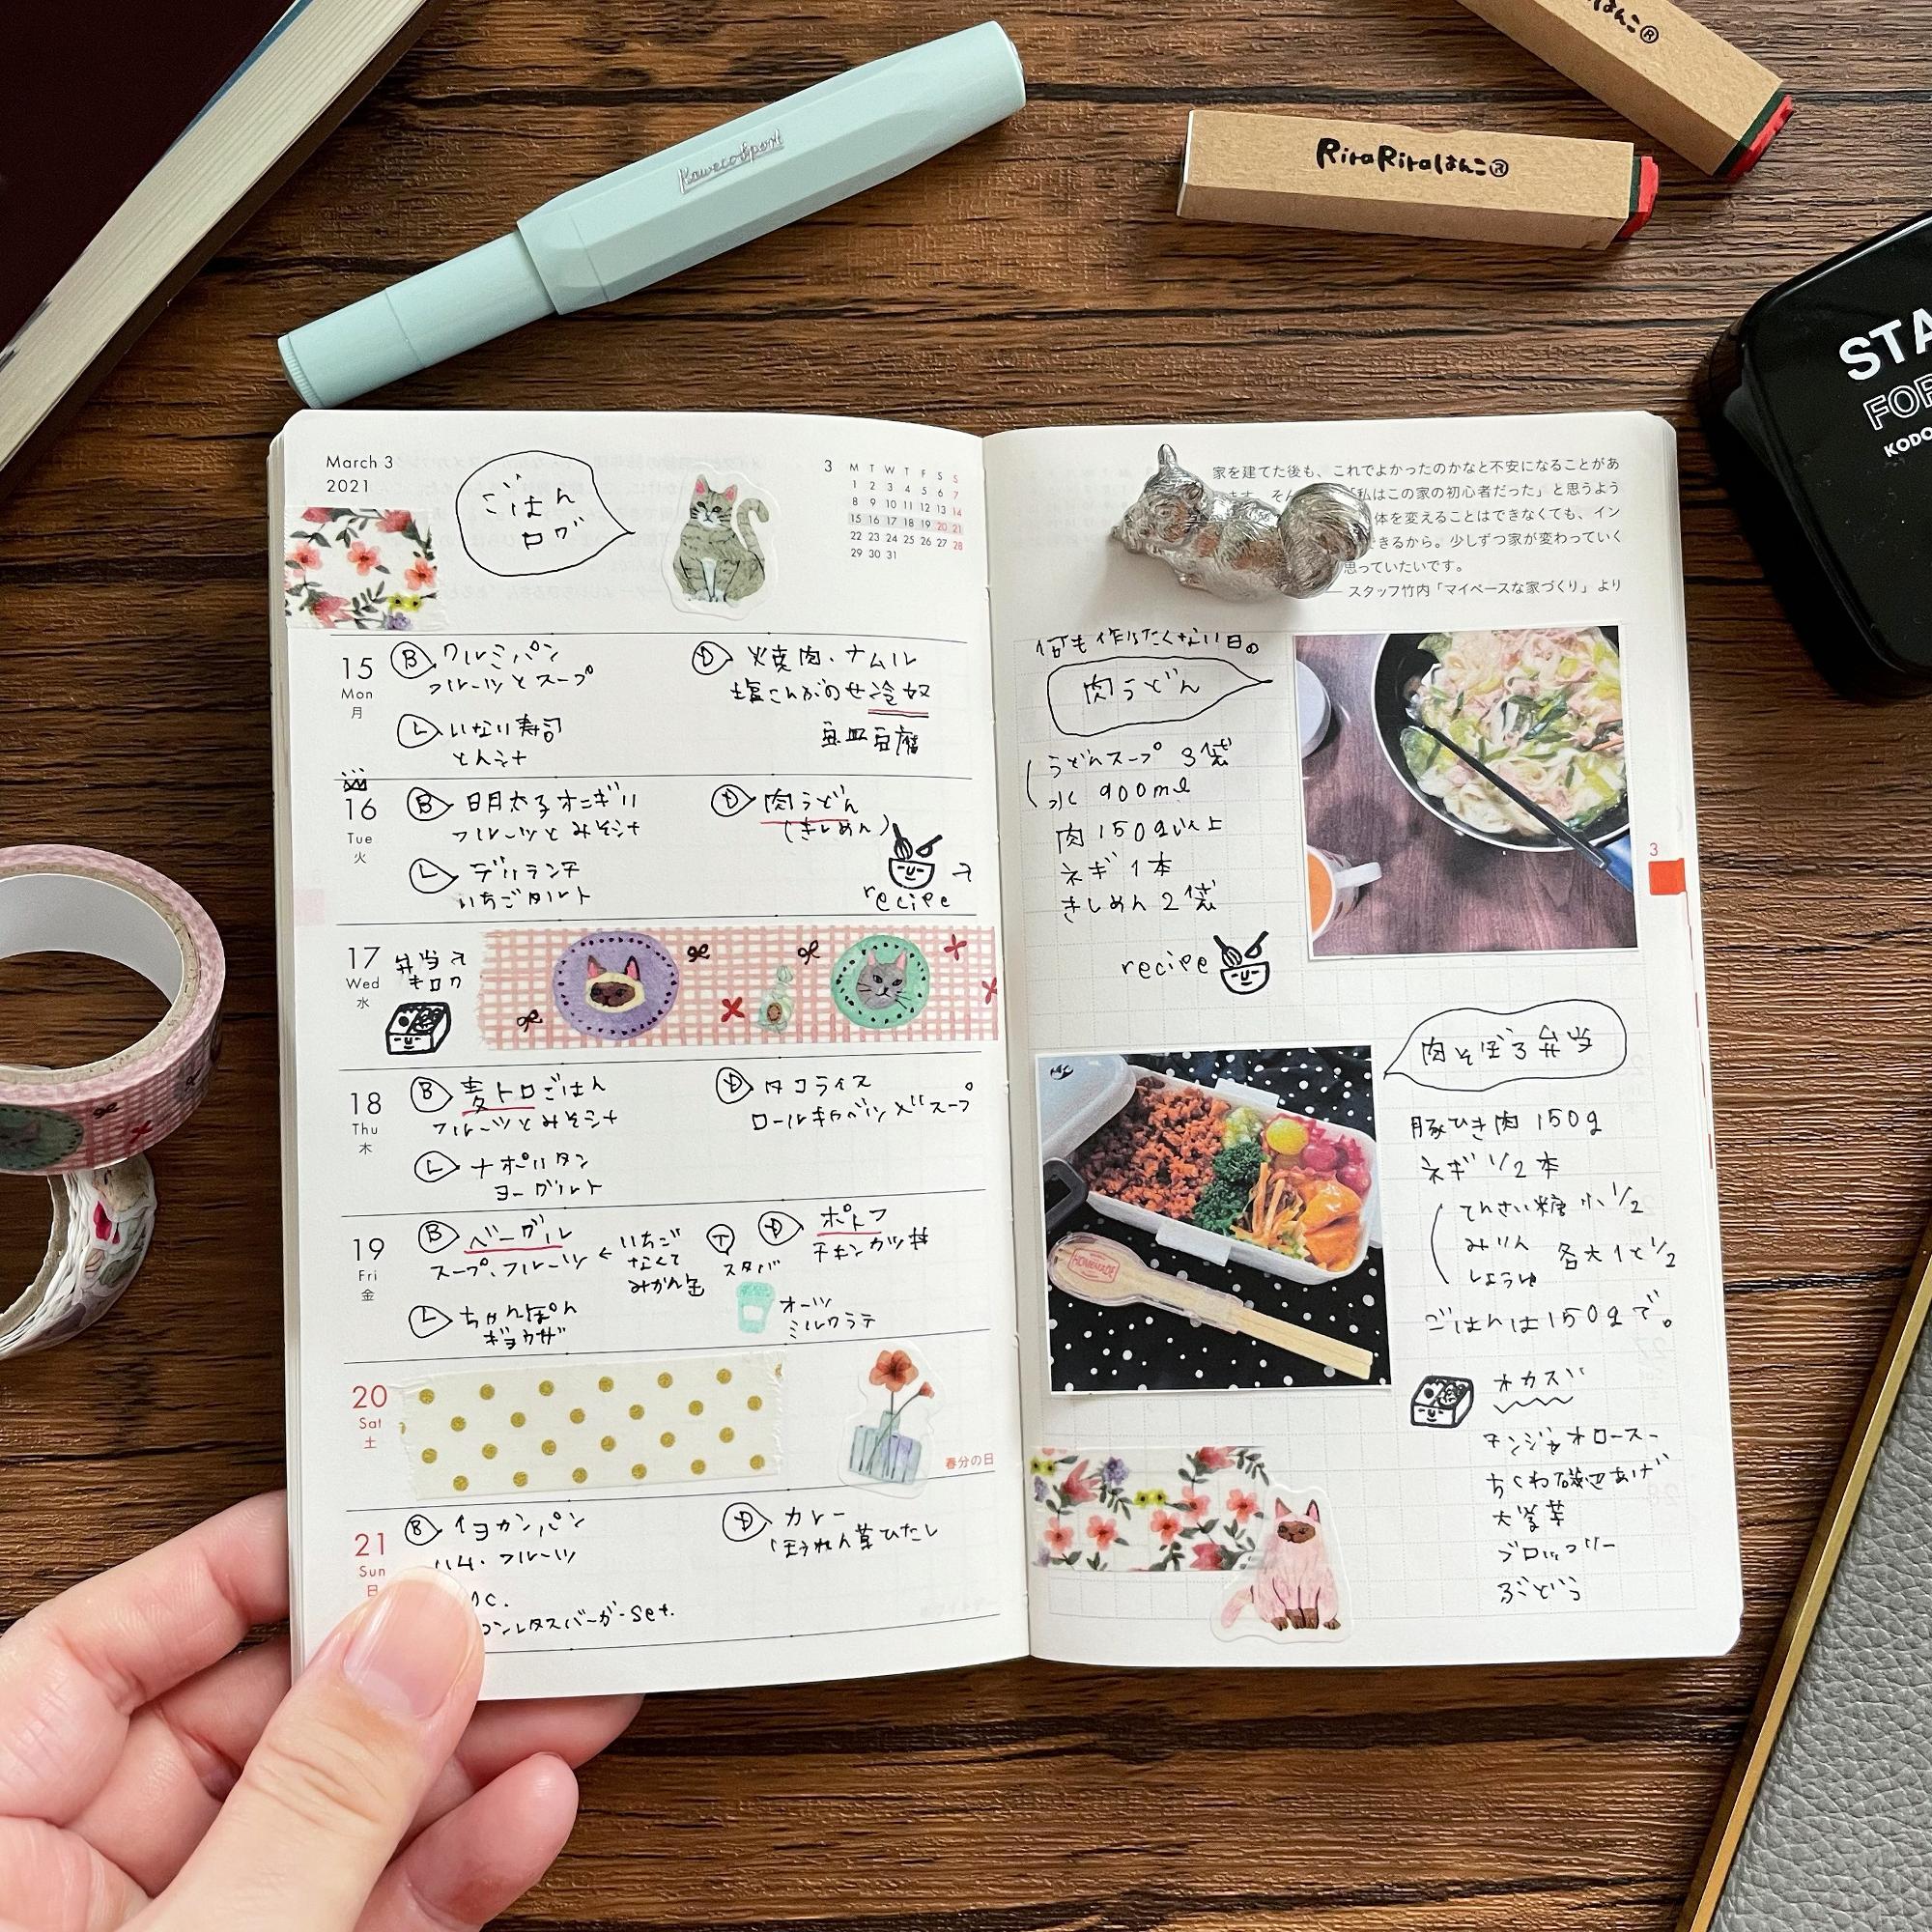 家事ノート。献立とレシピ、弁当ログのページ。